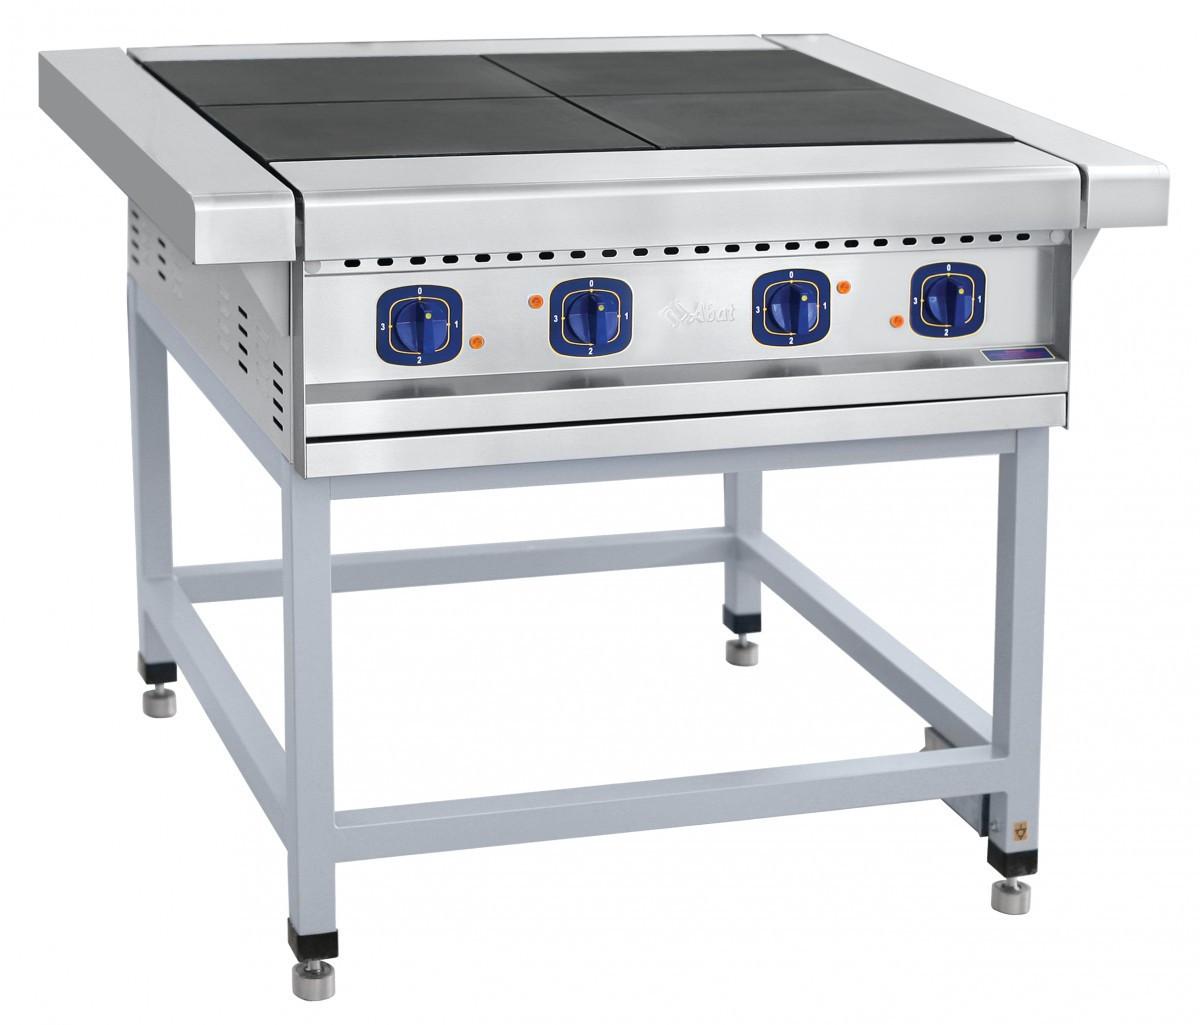 Плита электрическая промышленная четырехконфорочная без жарочного шкафа ЭП-4П на подставке Abat